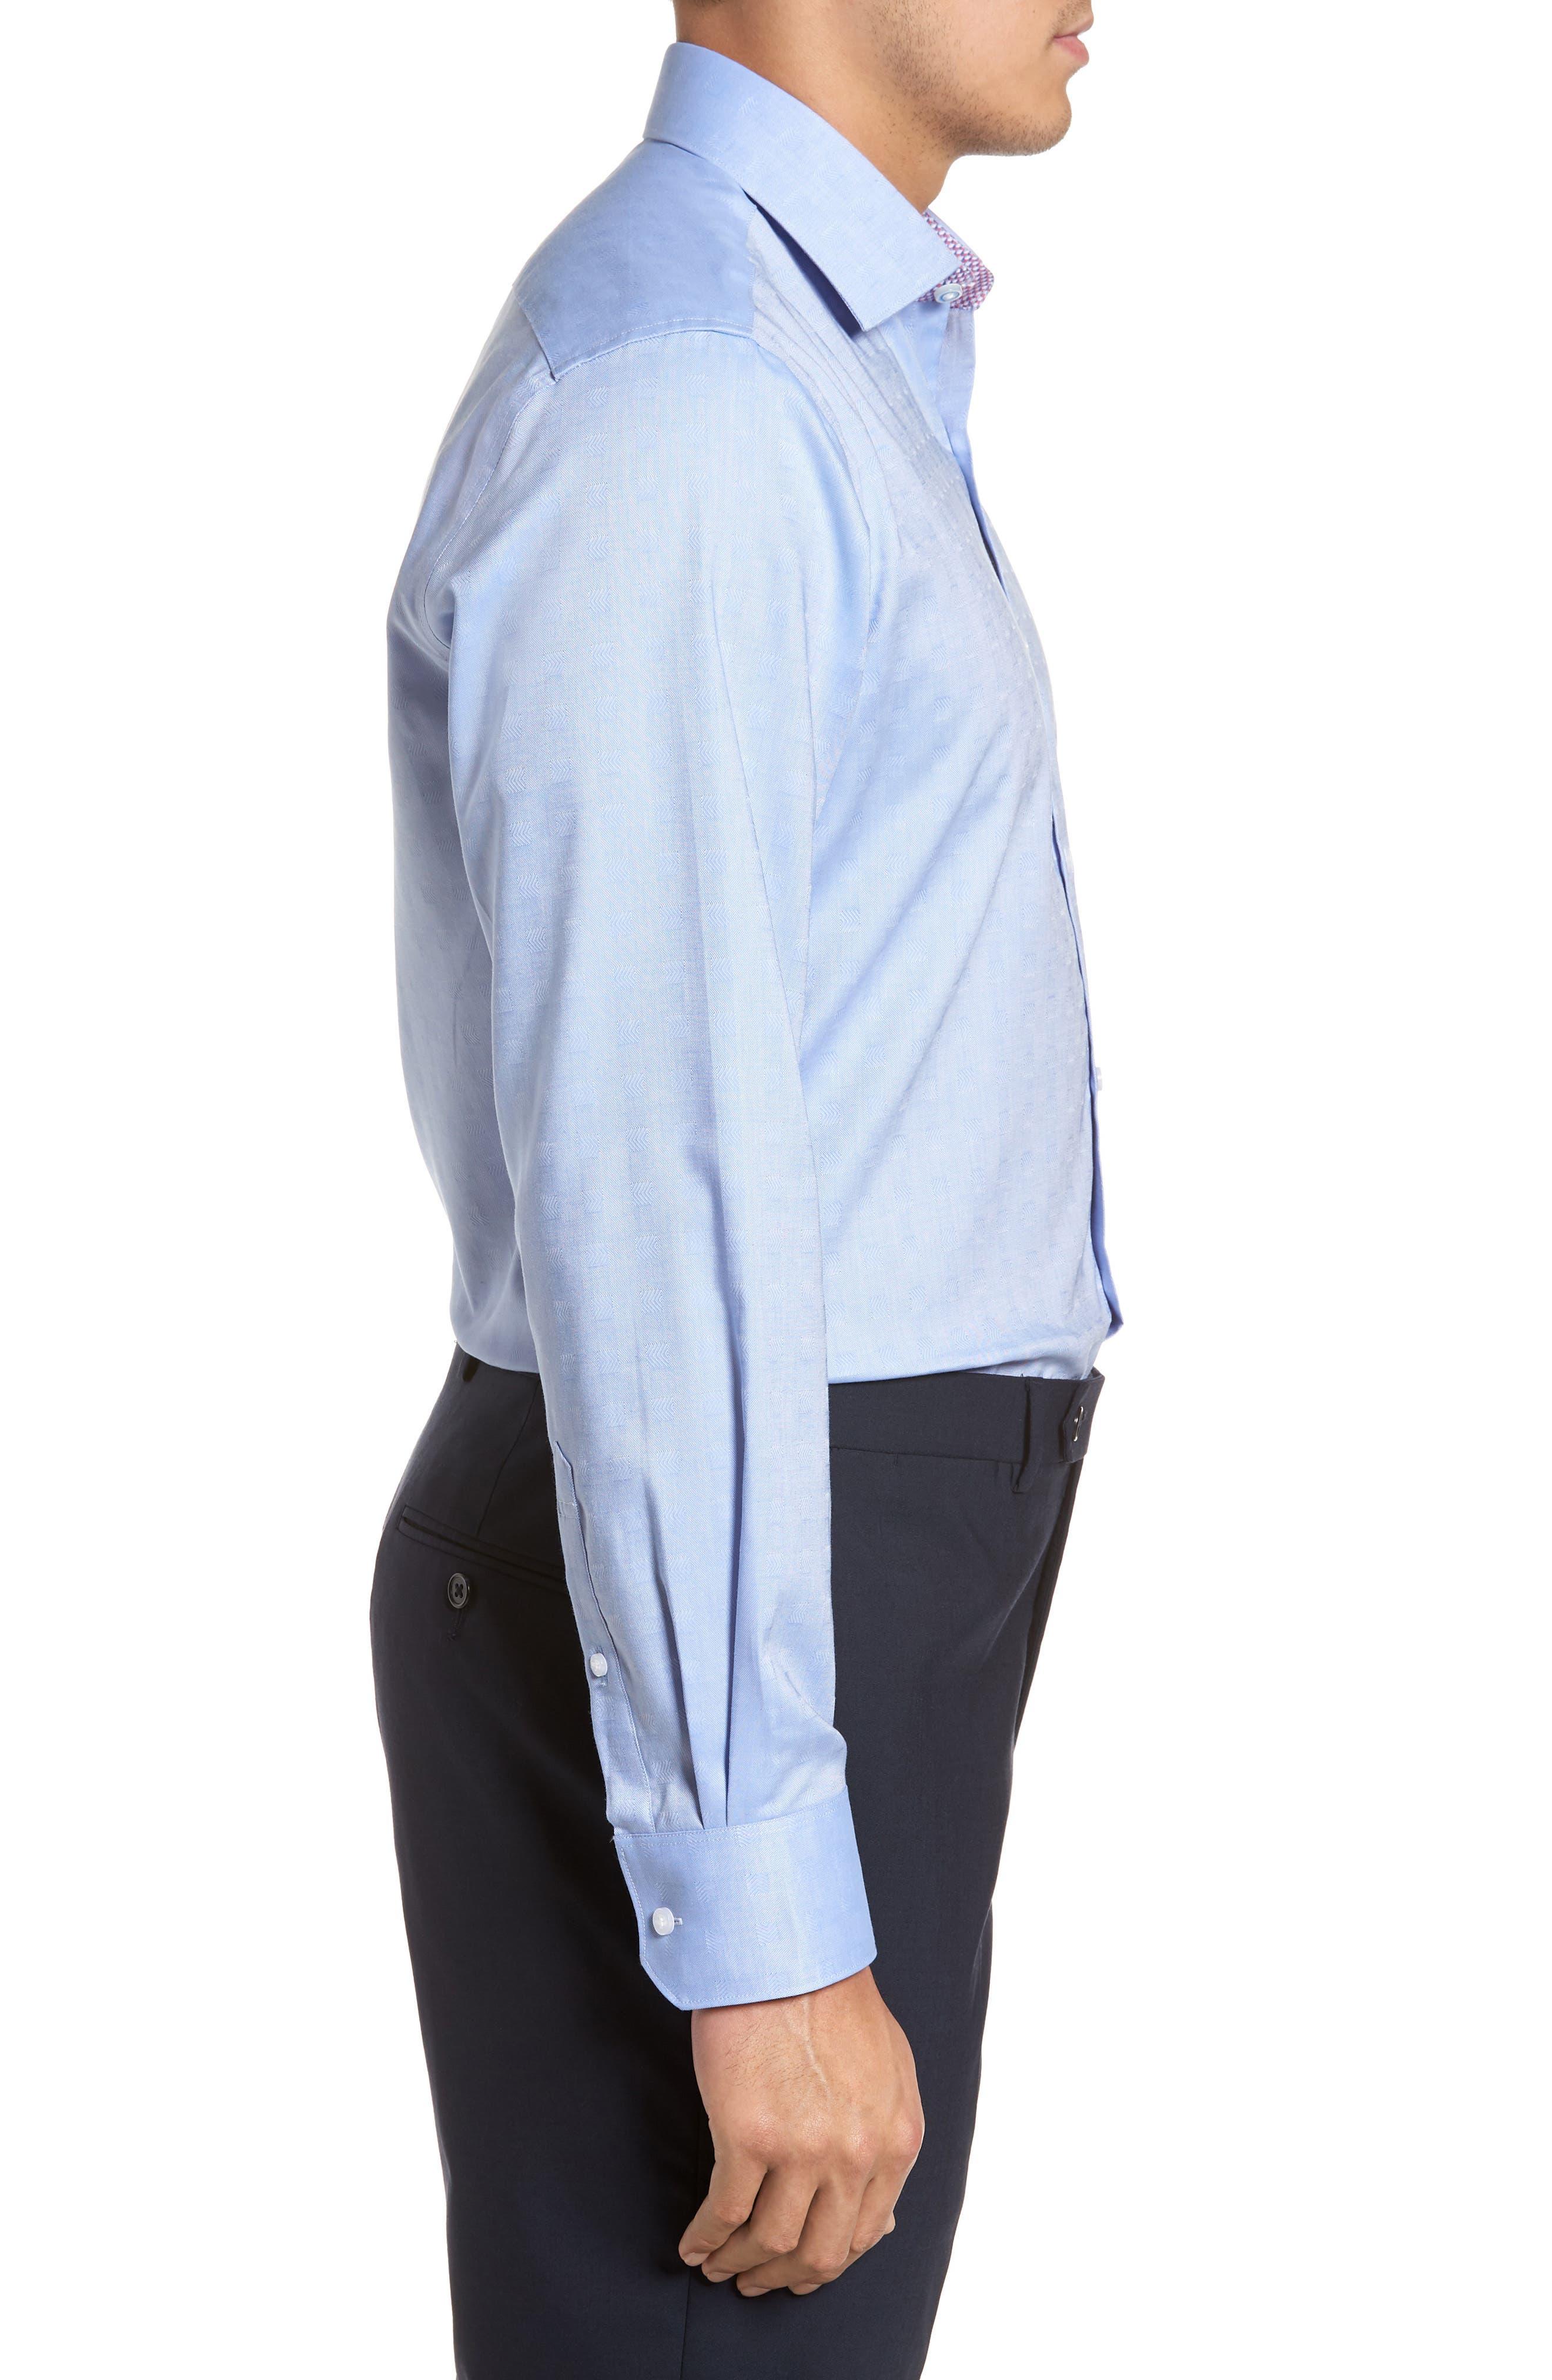 Ashur Trim Fit Solid Dress Shirt,                             Alternate thumbnail 4, color,                             BLUE